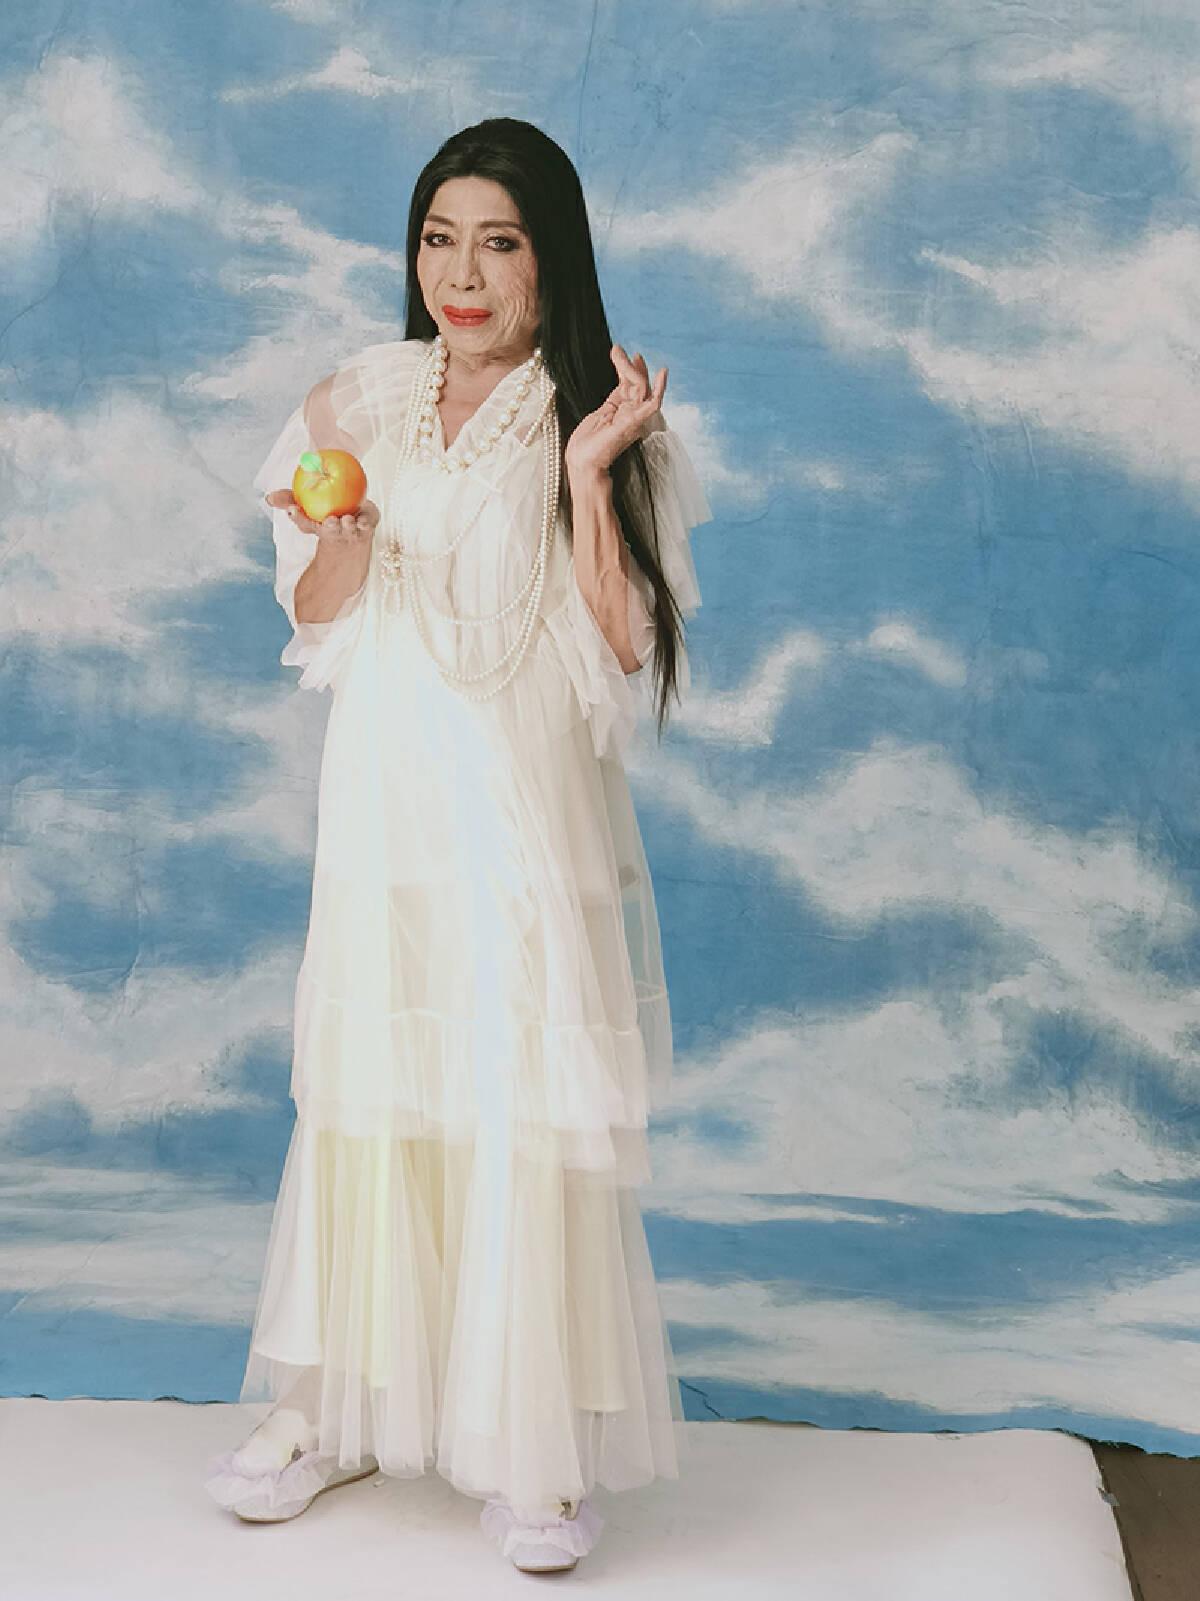 """""""สิตางศุ์ """" ขอฟาด บางวัดมีคนที่ไม่สมควรจะใส่ผ้าเหลือง เผยอยากเปลี่ยนศาสนา"""